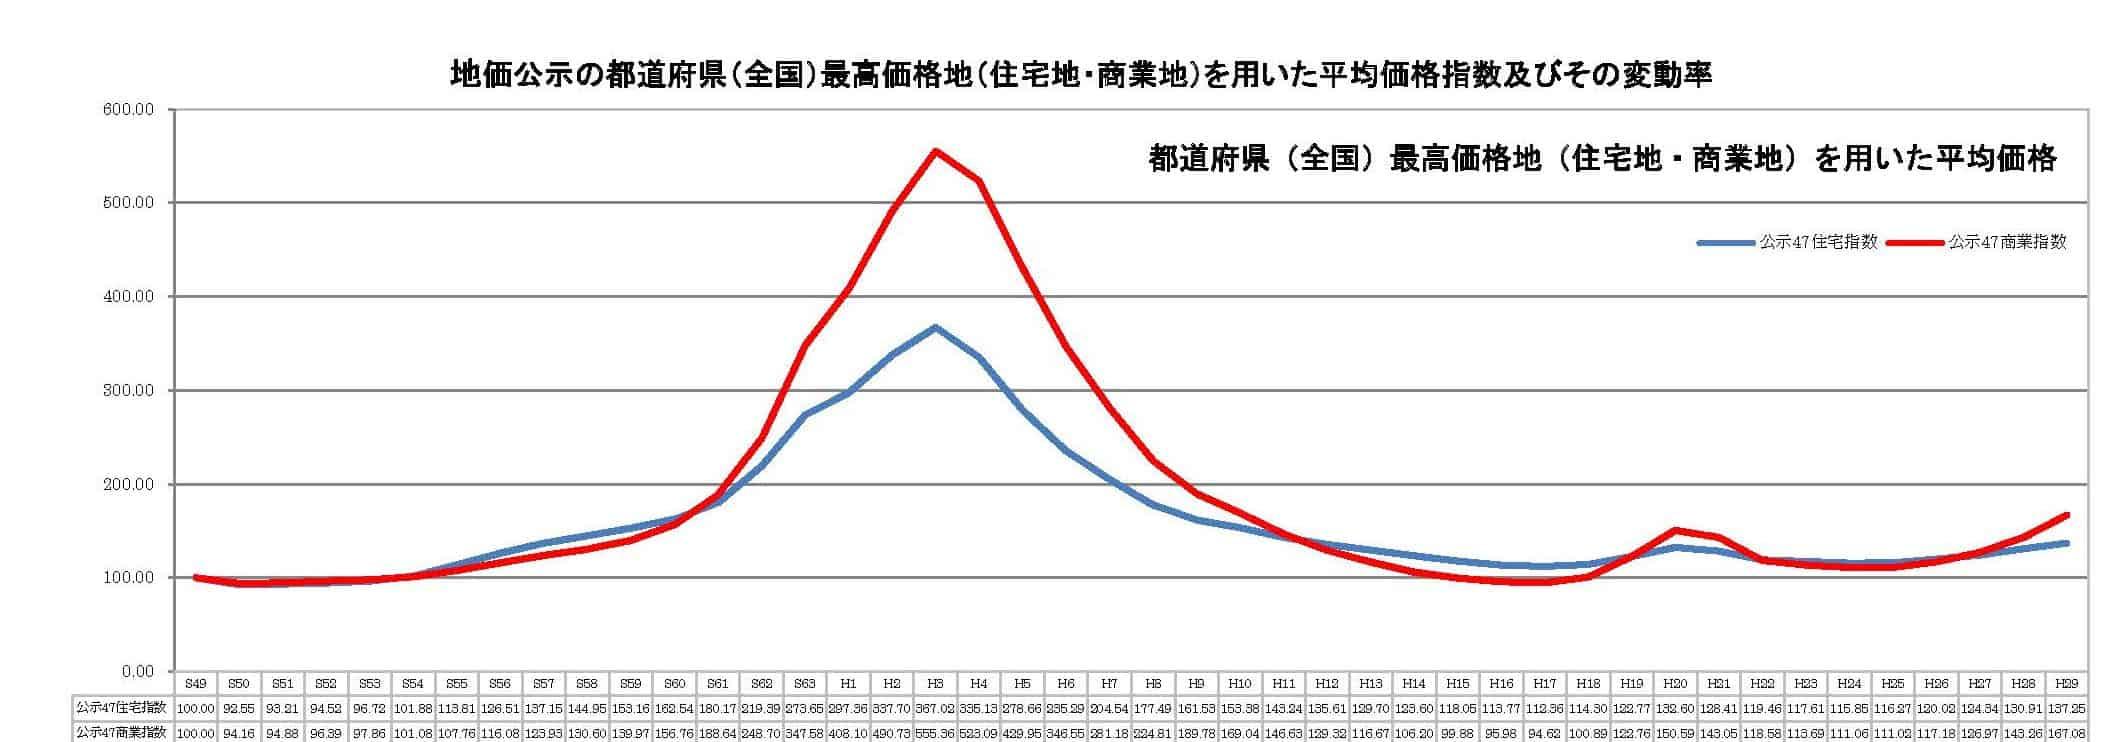 地価公示の都道府県(全国)最高価格地(住宅地・商業地)を用いた平均価格指数